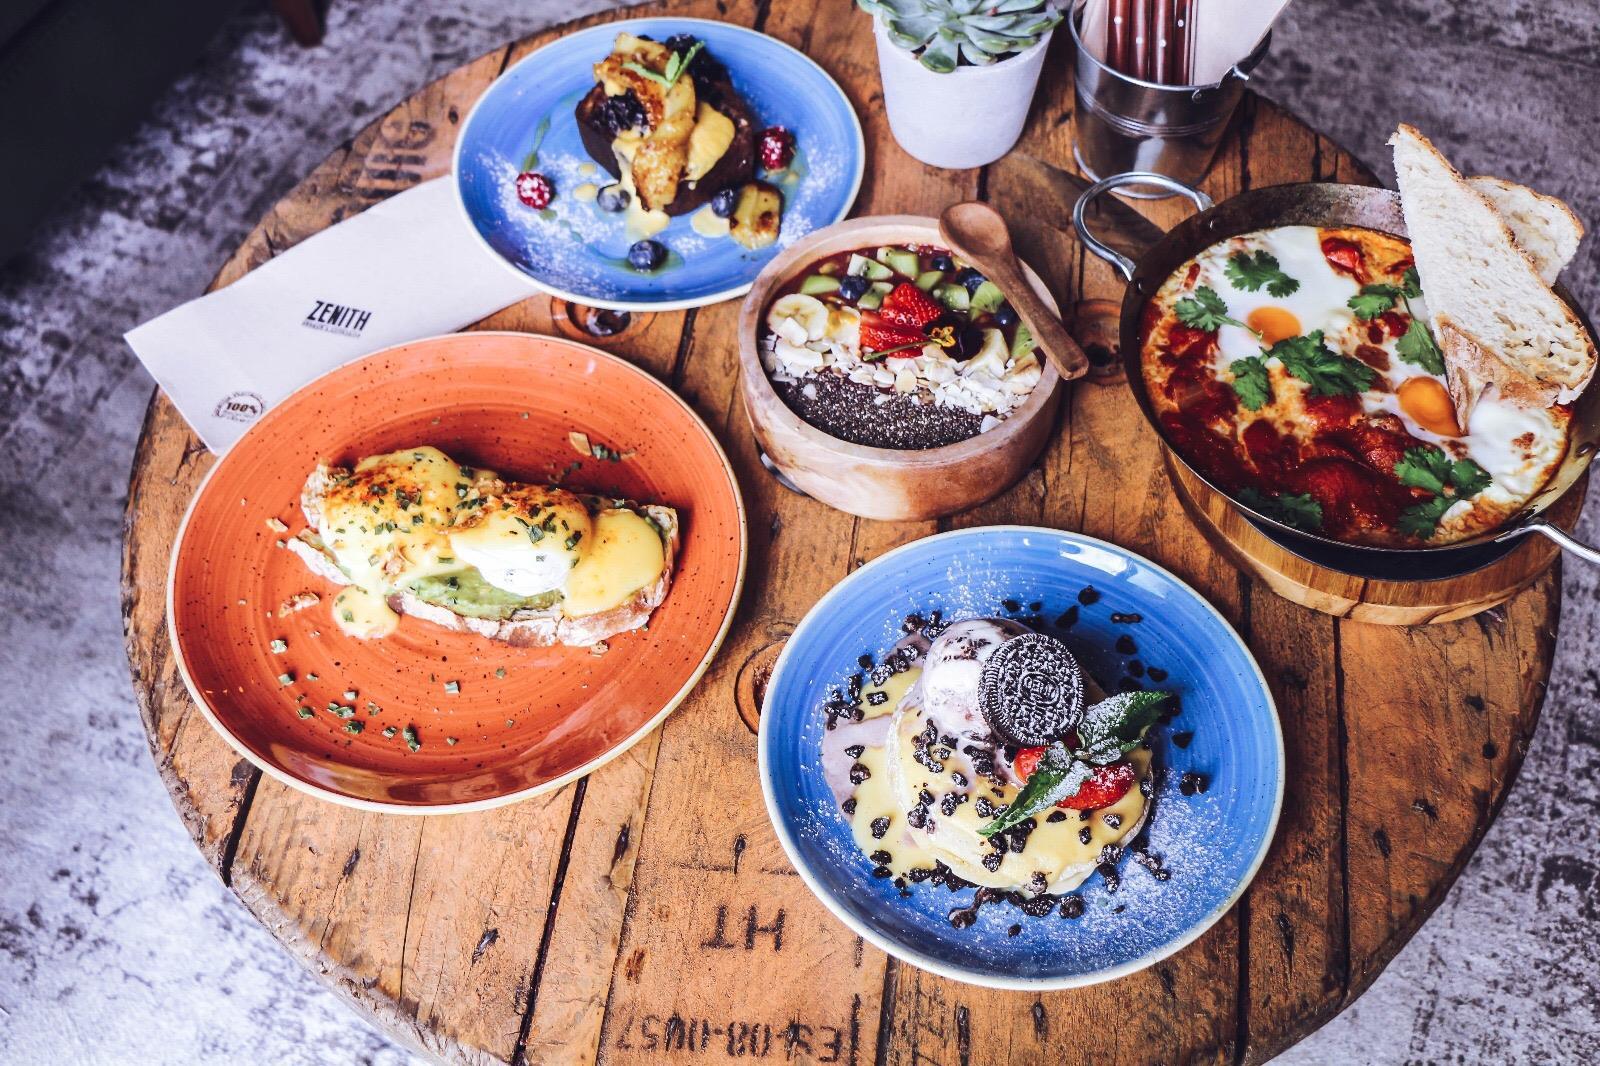 Exemples de plats du brunch du Zenith Brunch Cocktails - Porto